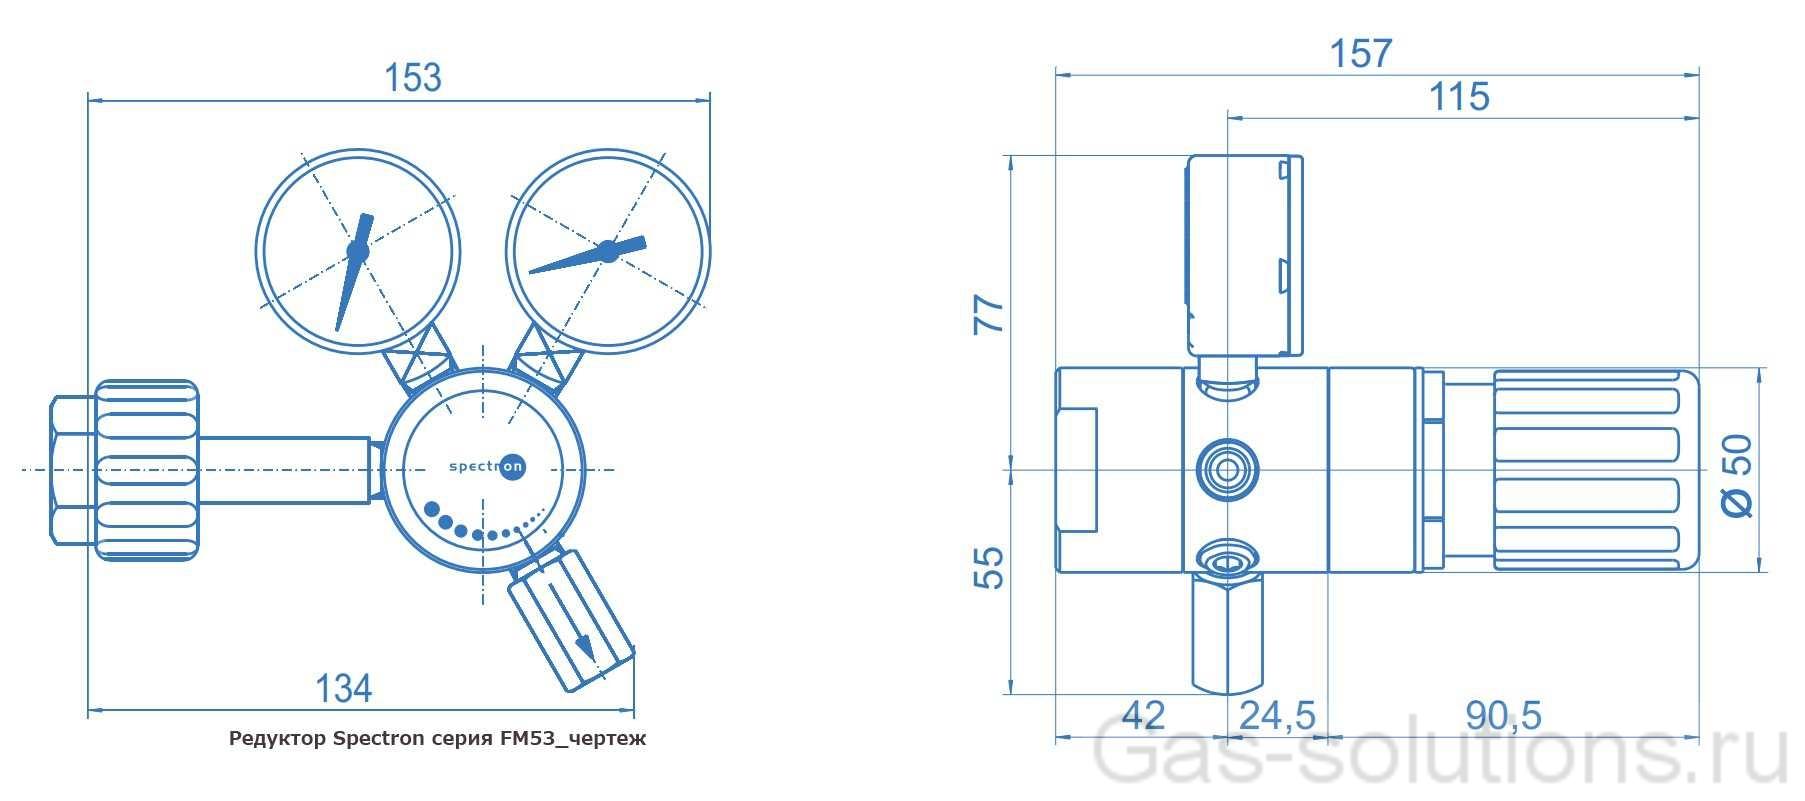 Редуктор Spectron серия FM53_чертеж